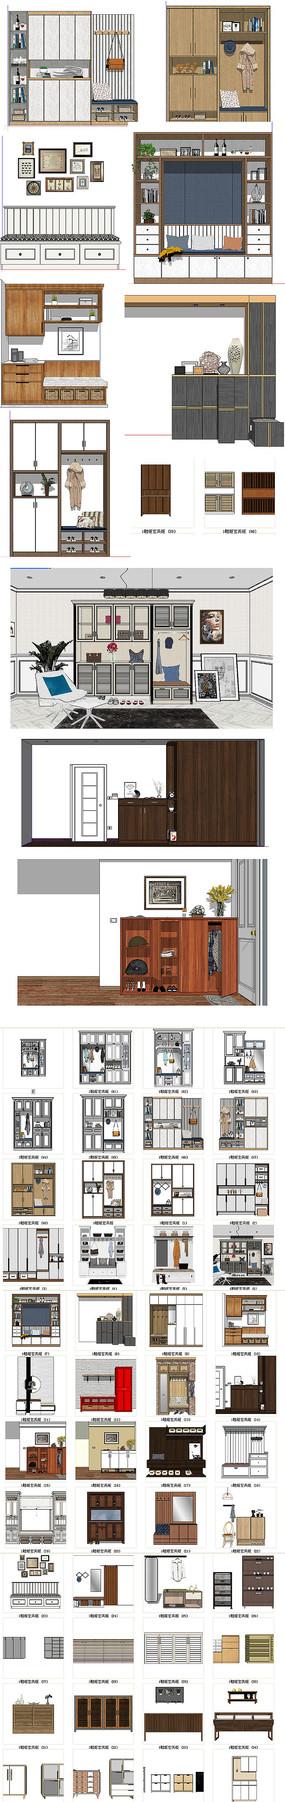 家居柜子模型